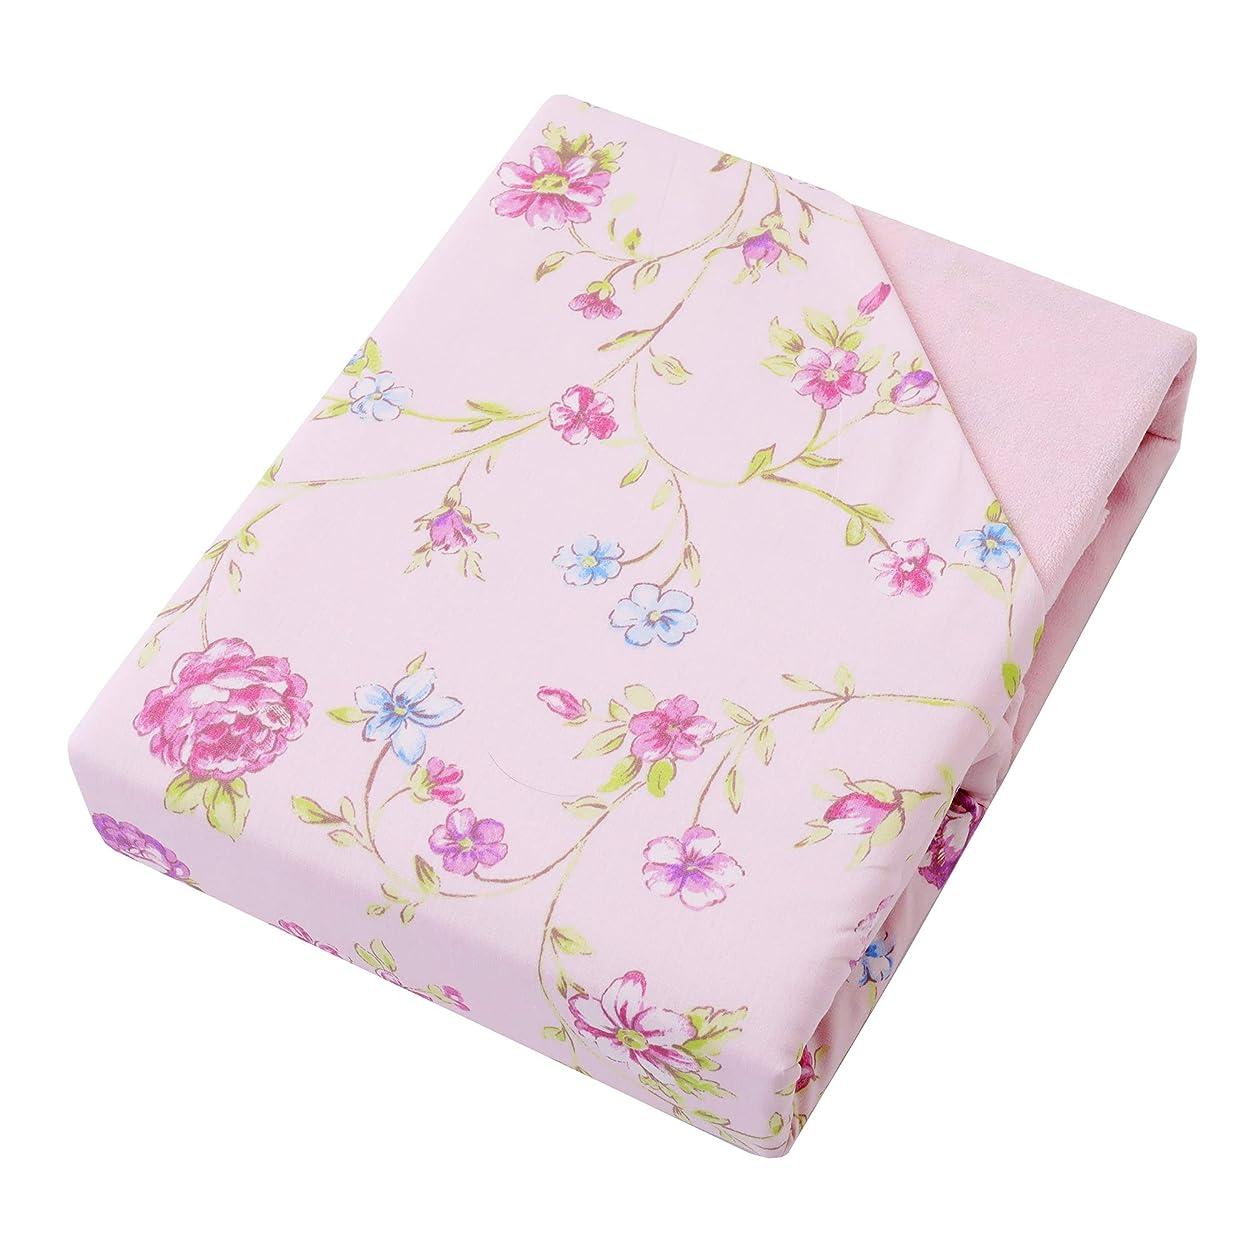 人質放散する九東京西川 あったか 掛け布団カバー ピンク シングル なめらか パイル 小花柄 マイモデル PI09000016D2